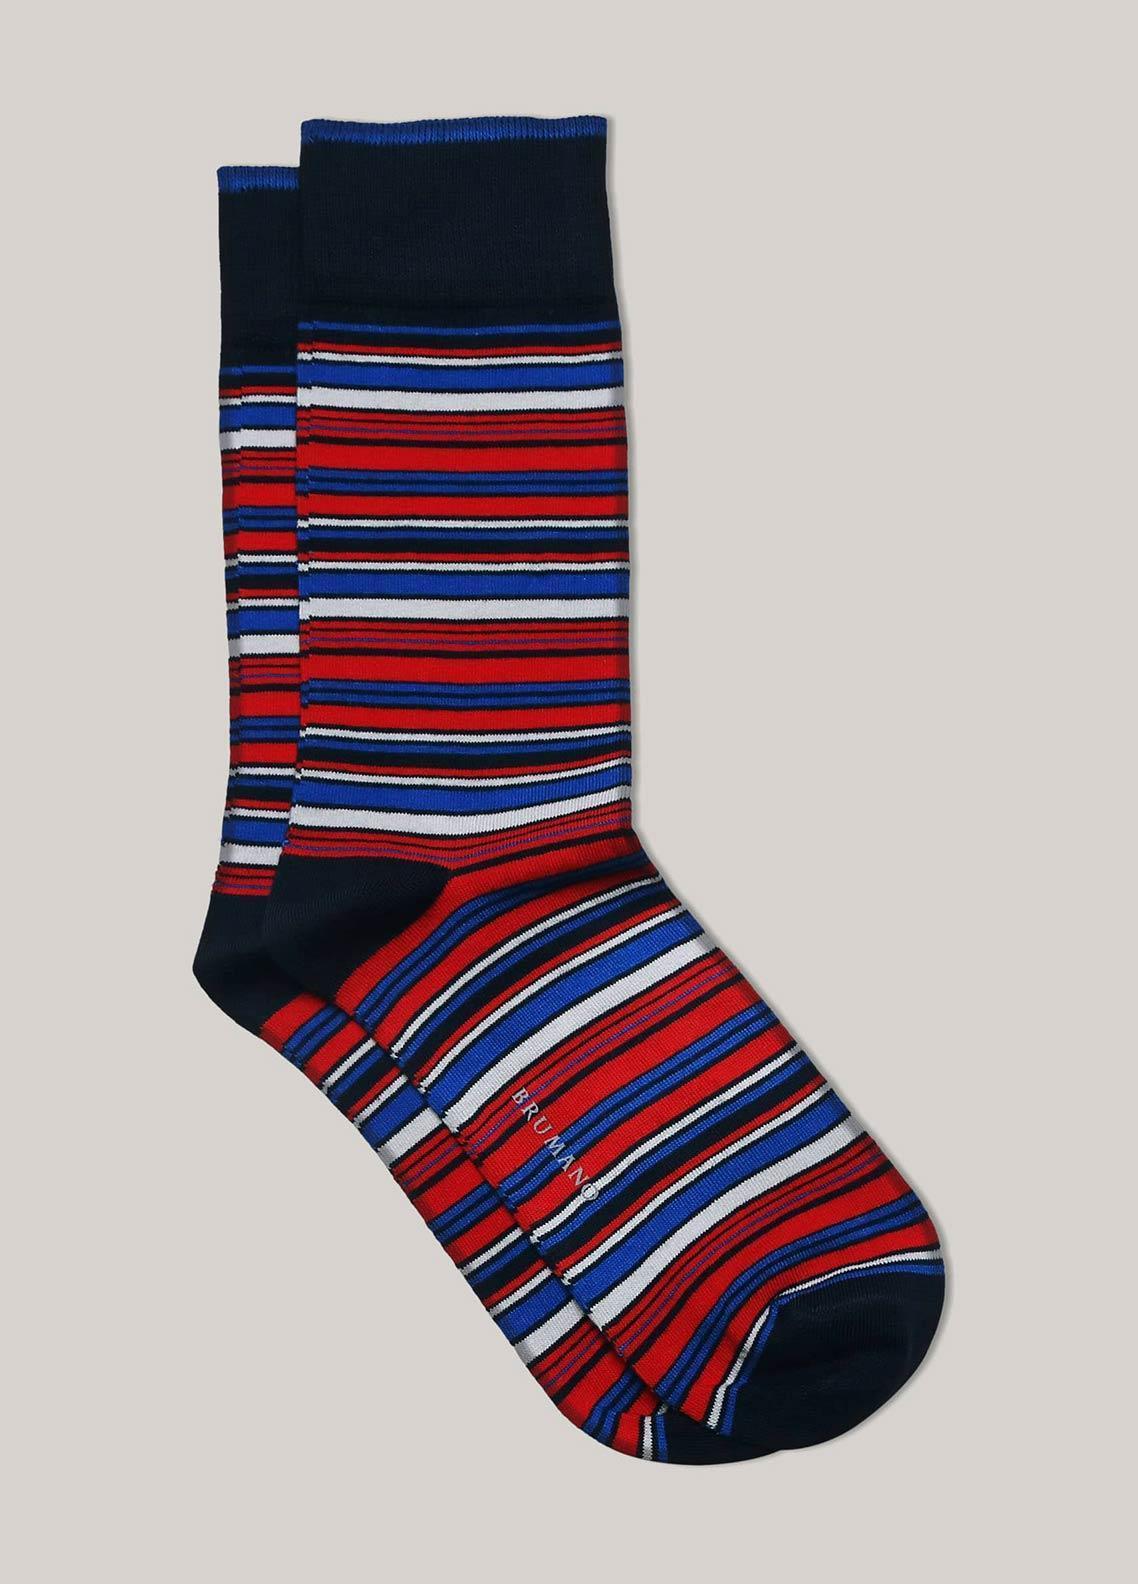 Brumano Cotton Socks BM20CSK Red Multi Color Striped Cotton Socks